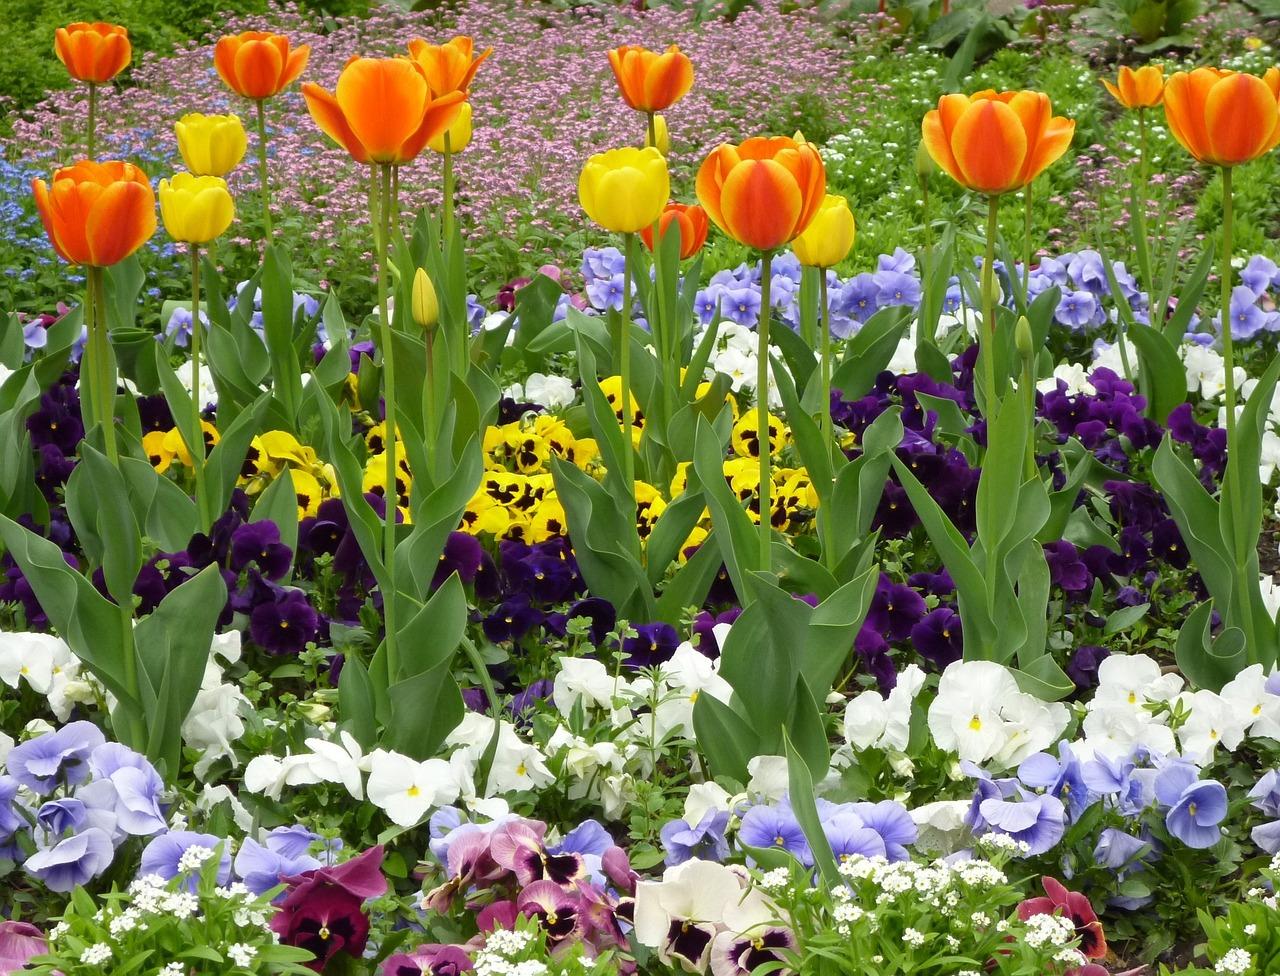 цветник весной фото